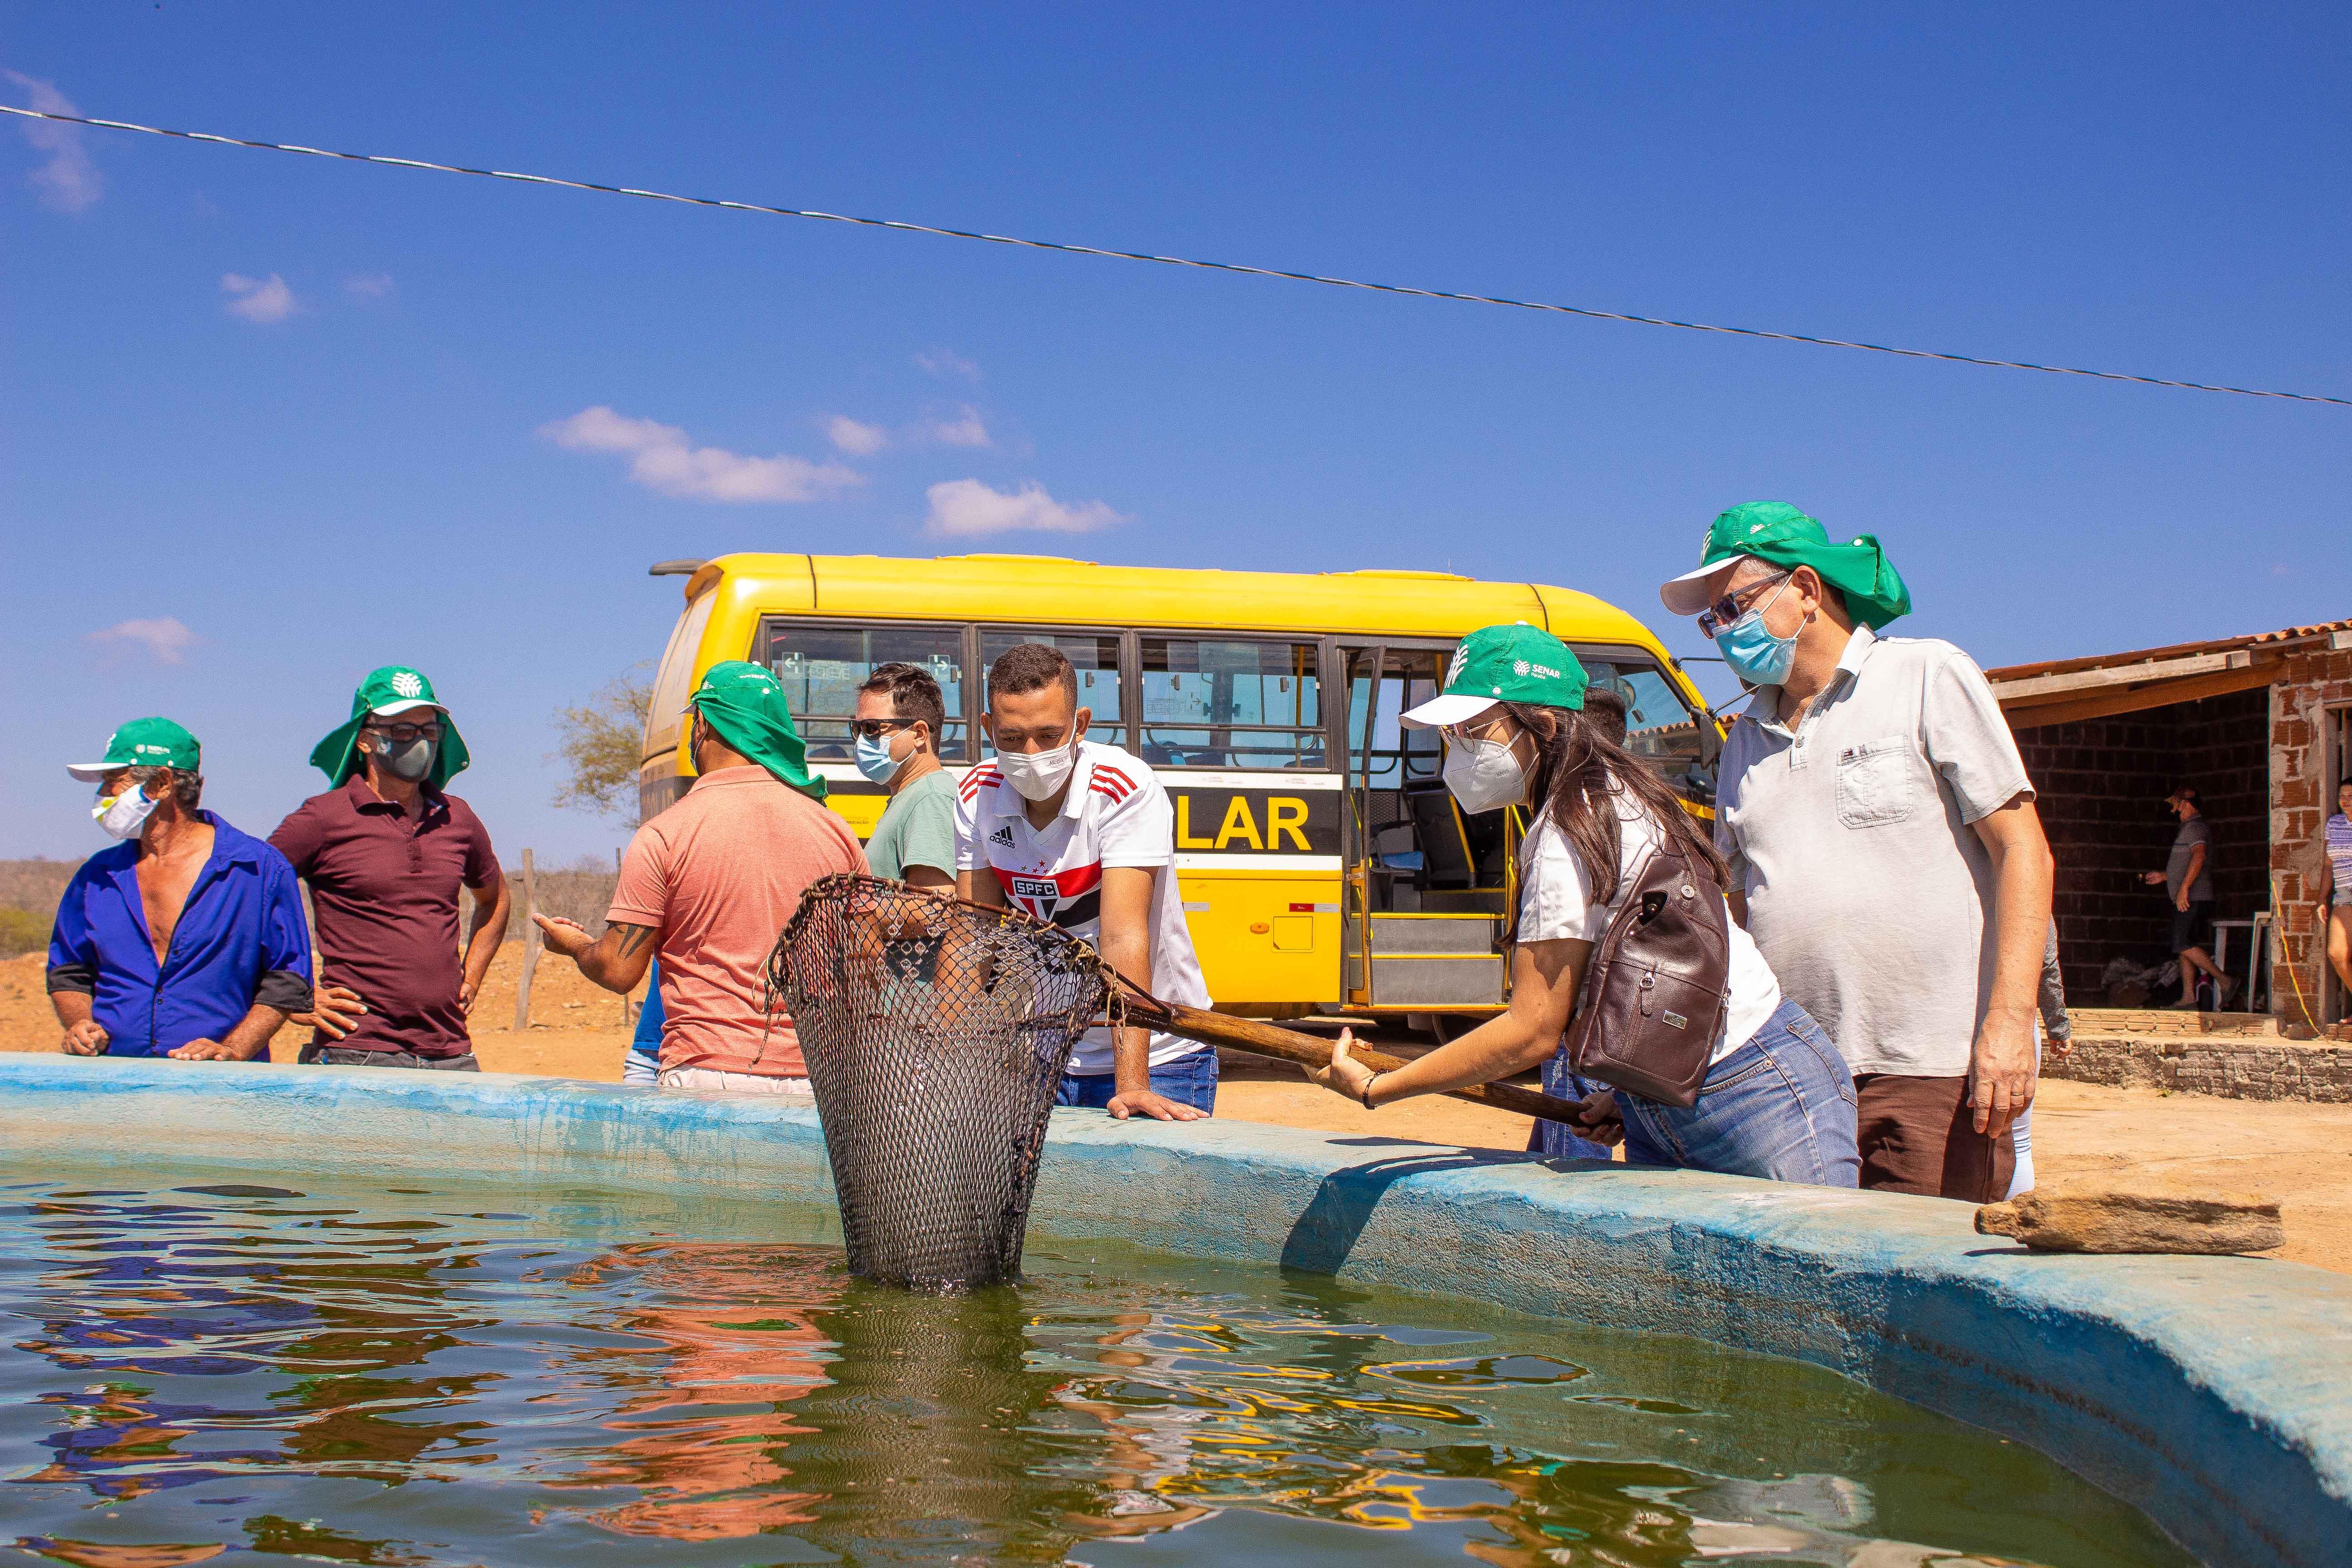 2021-09-17-e-19-curso-piscicultura-francisco-cesar-4698.jpg